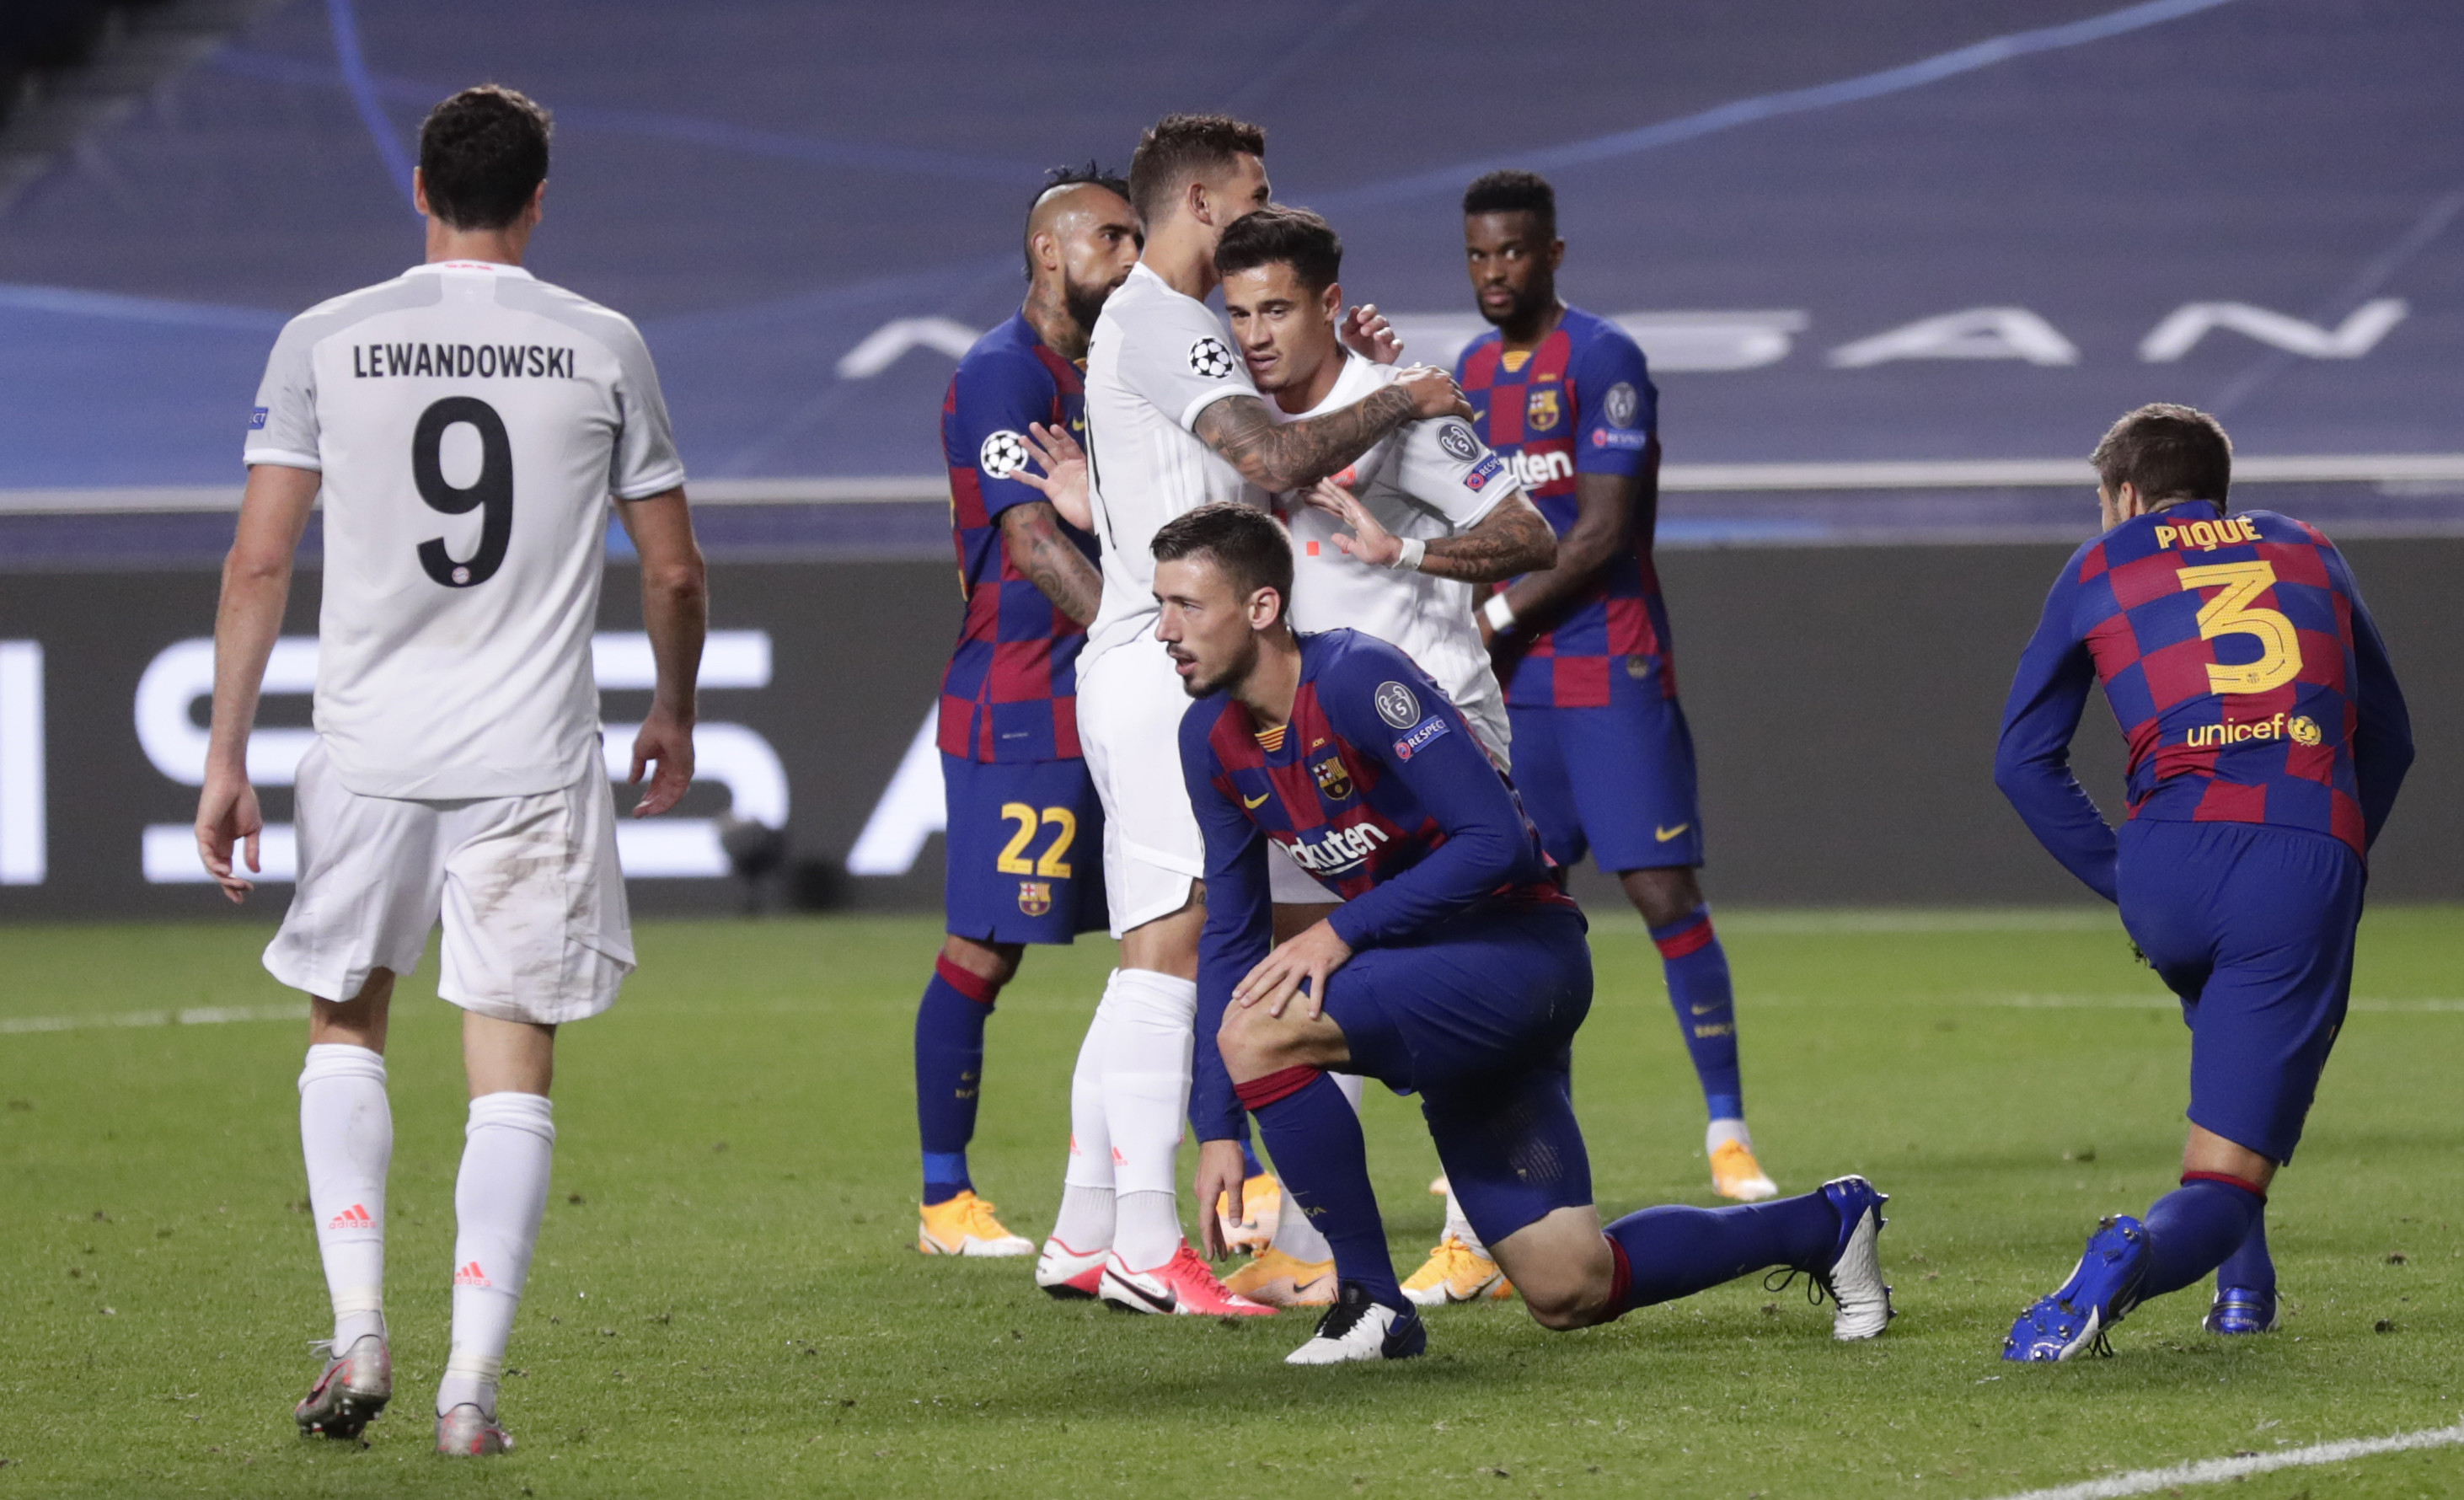 Những con số đáng buồn hằn sâu vào lịch sử Barca sau thảm bại 2-8 - Ảnh 2.